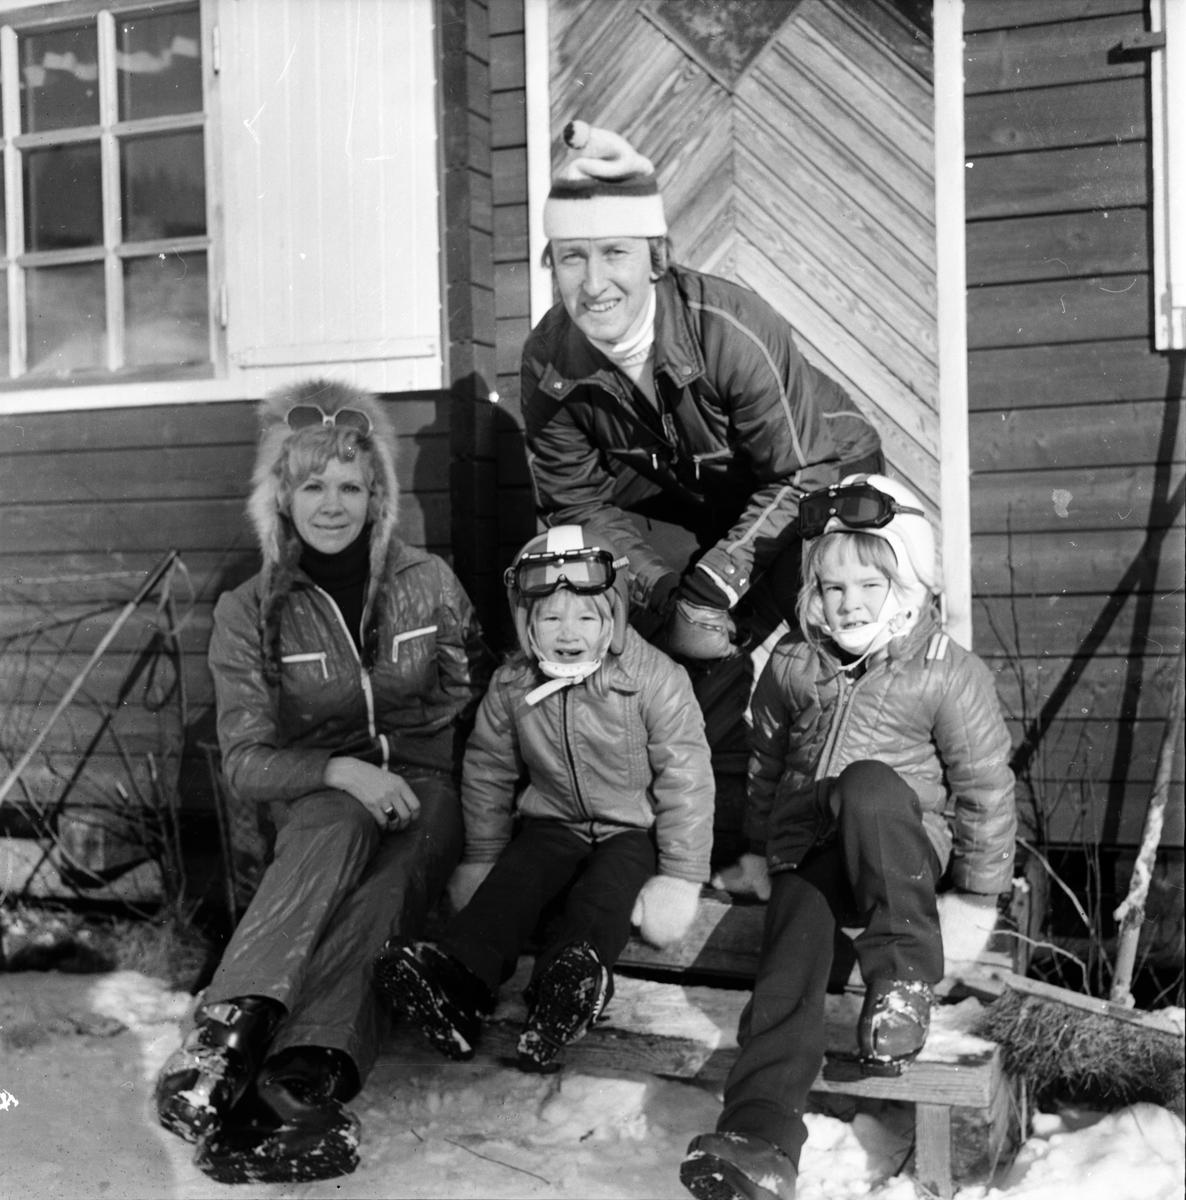 Familj i Koldemobacken. Bollnäs Februari 1973